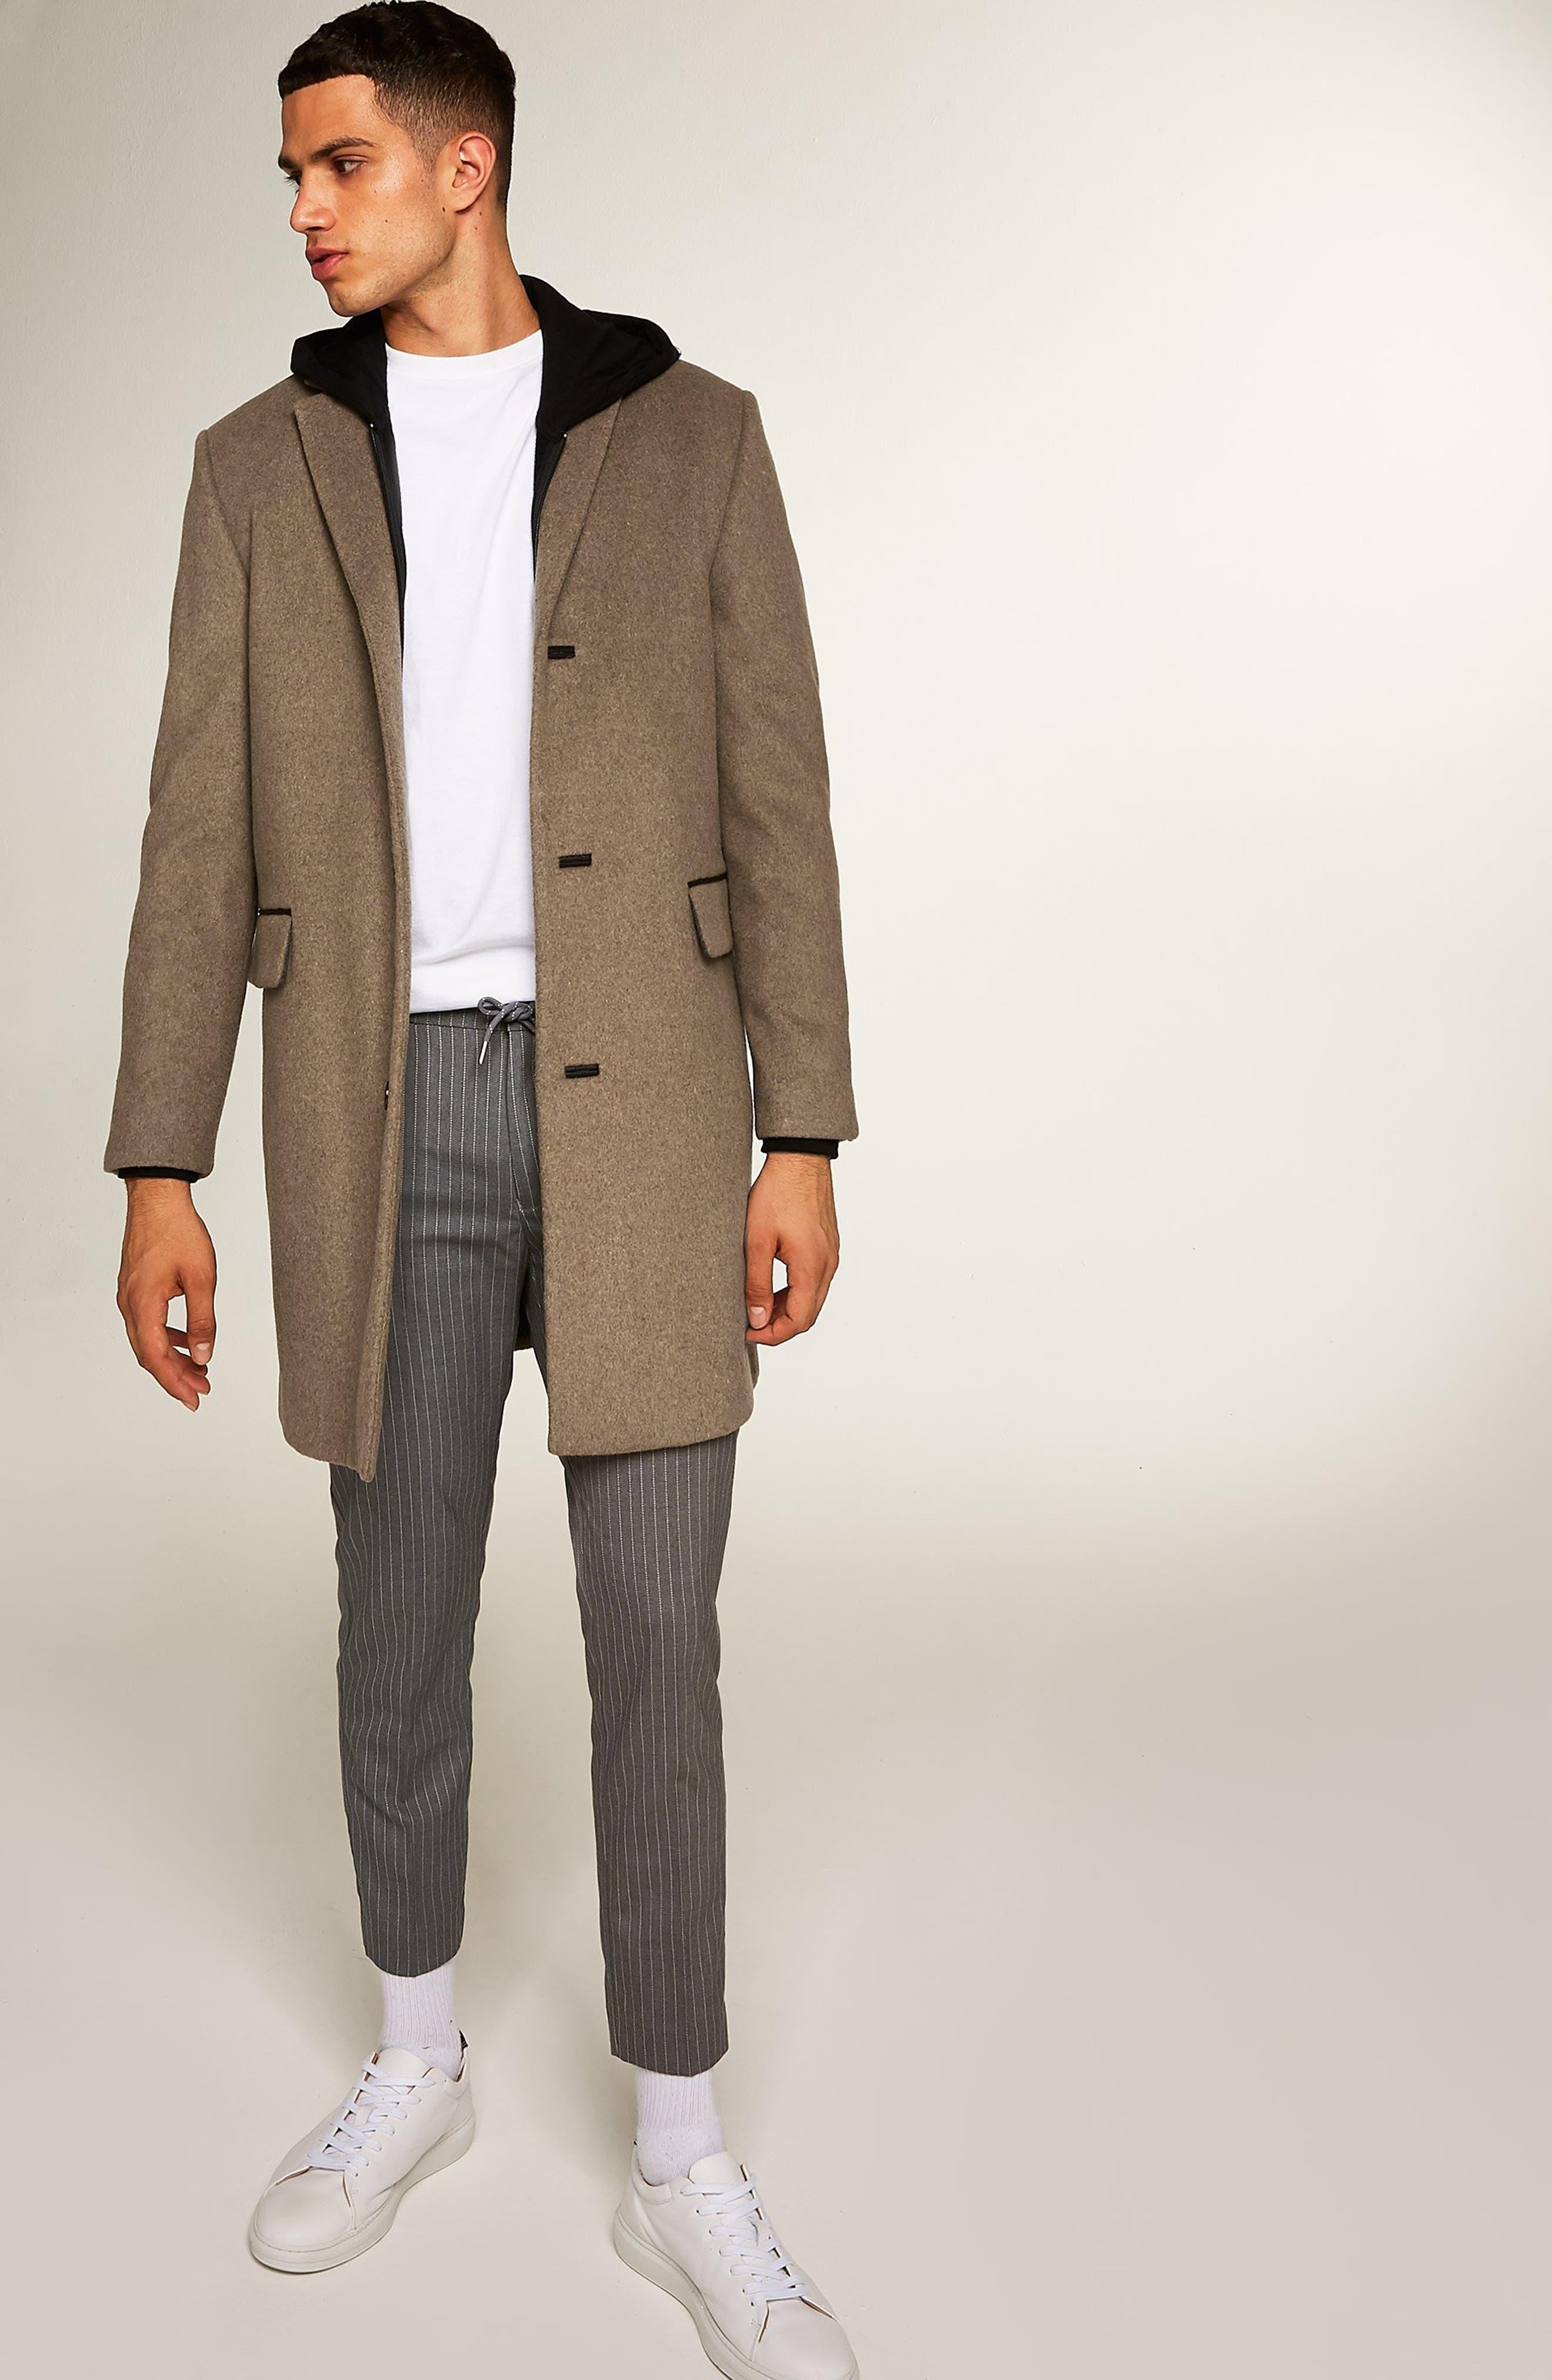 Wool Blend Overcoat,                             Alternate thumbnail 6, color,                             LIGHT BROWN